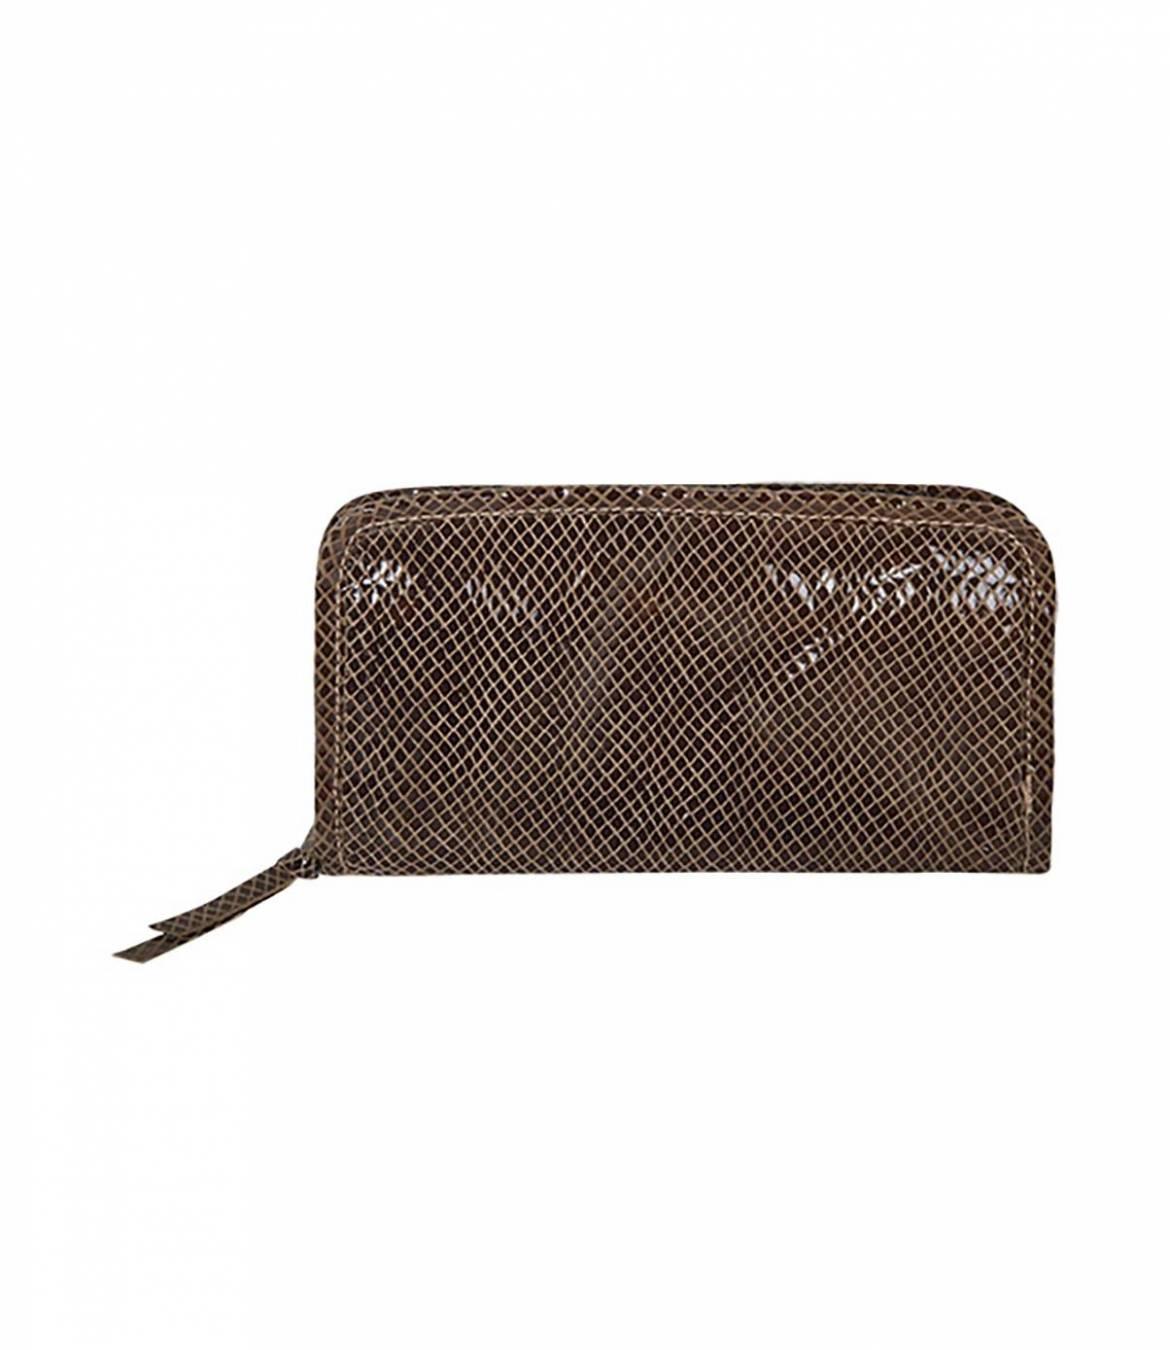 CHOU SHINY Women's Leather Pouch 20x11 cm Storiatipic - 1